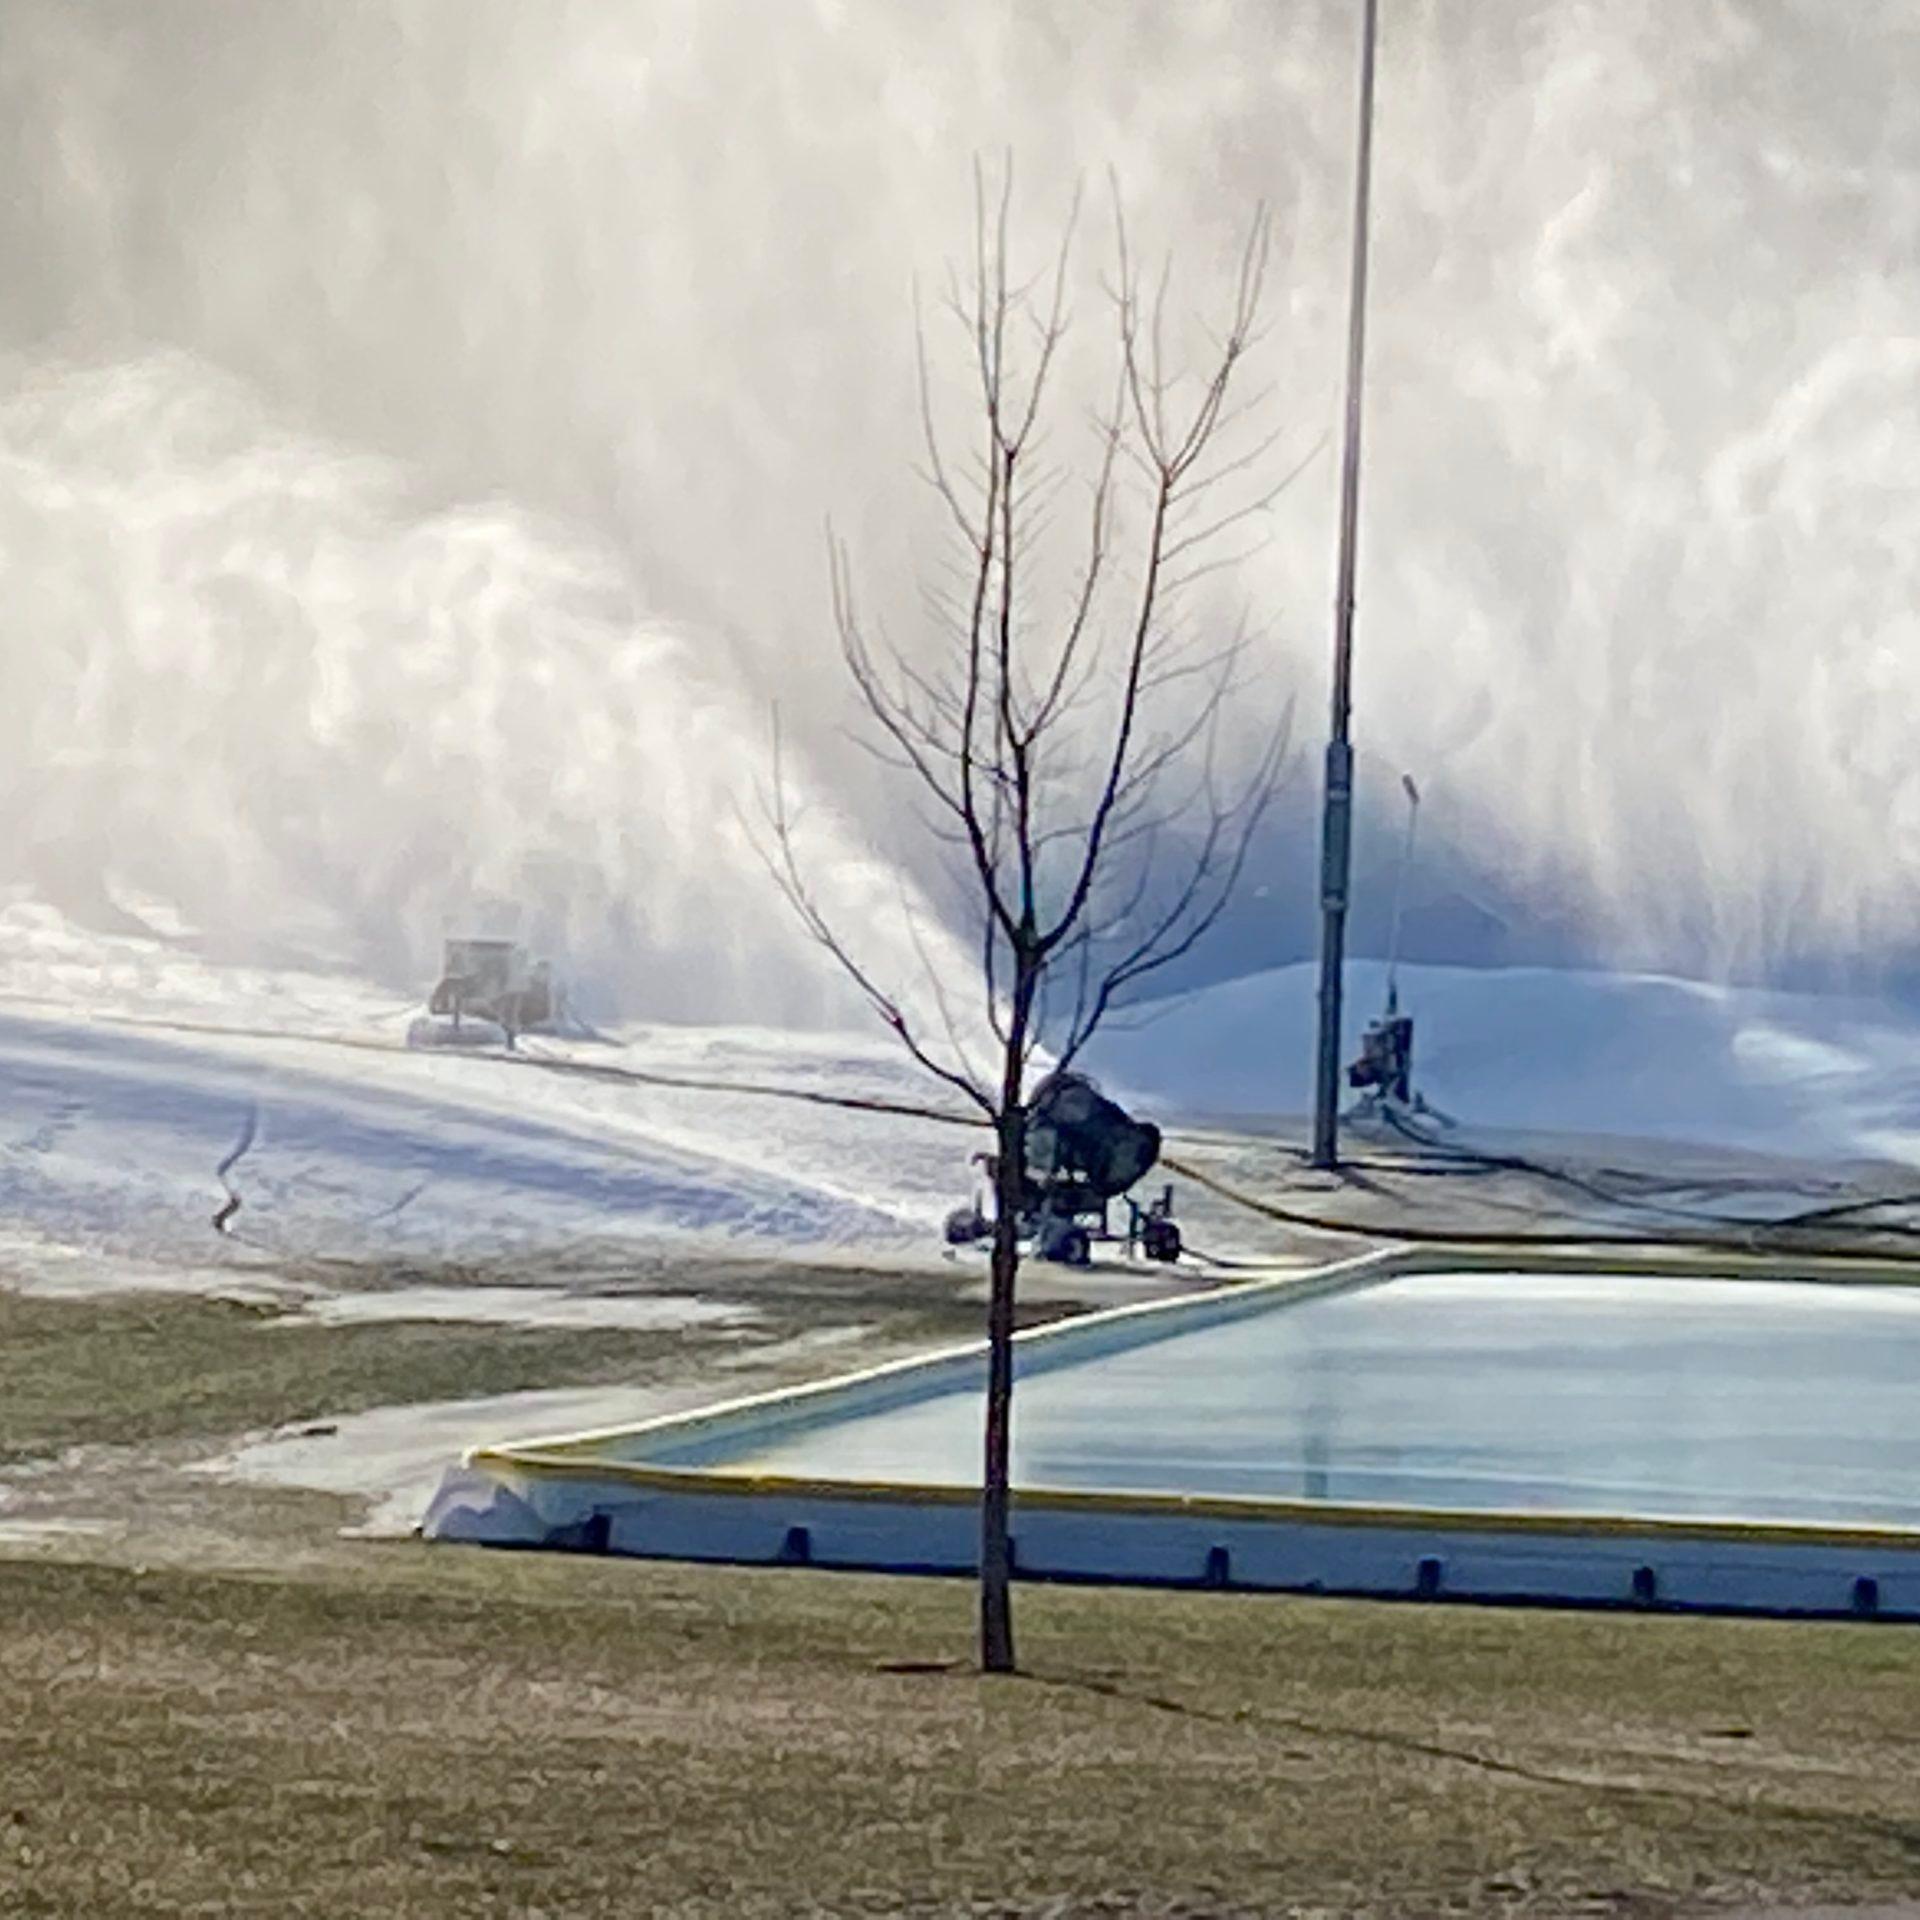 Snowmaking at Elver Park Photo provided by Audra Geldmacher